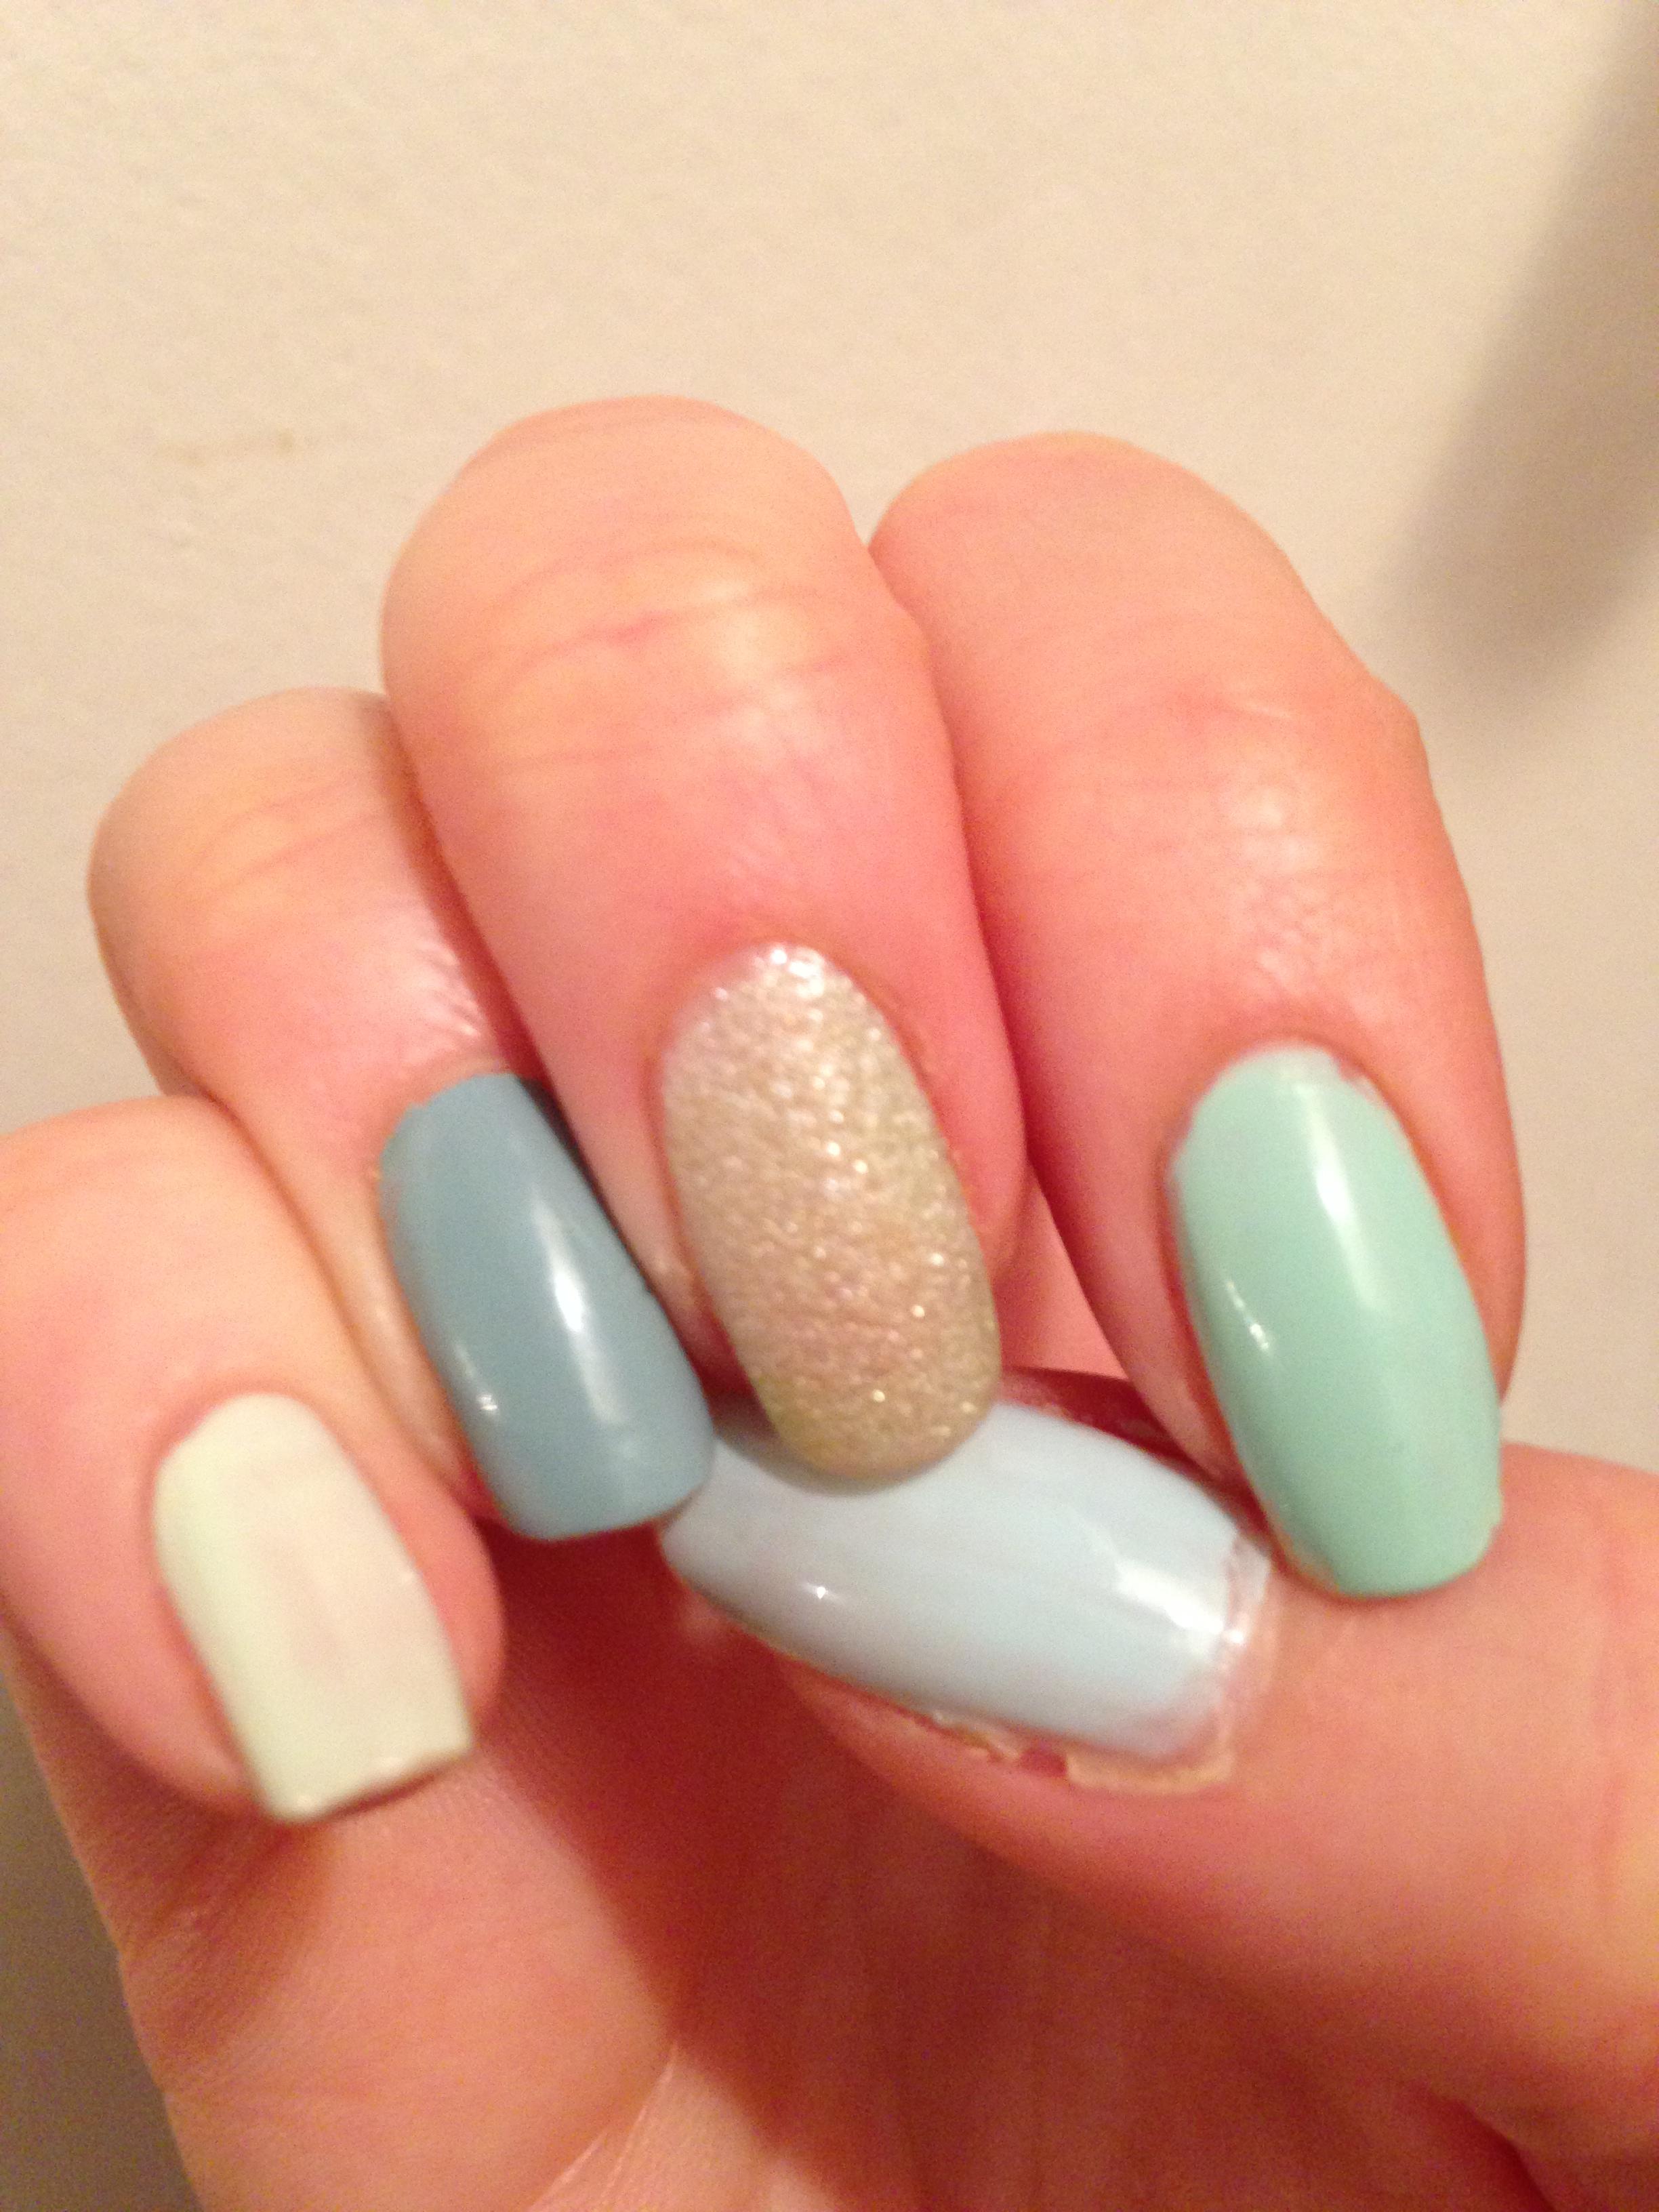 Ljusblå och ljusgröna nagellack